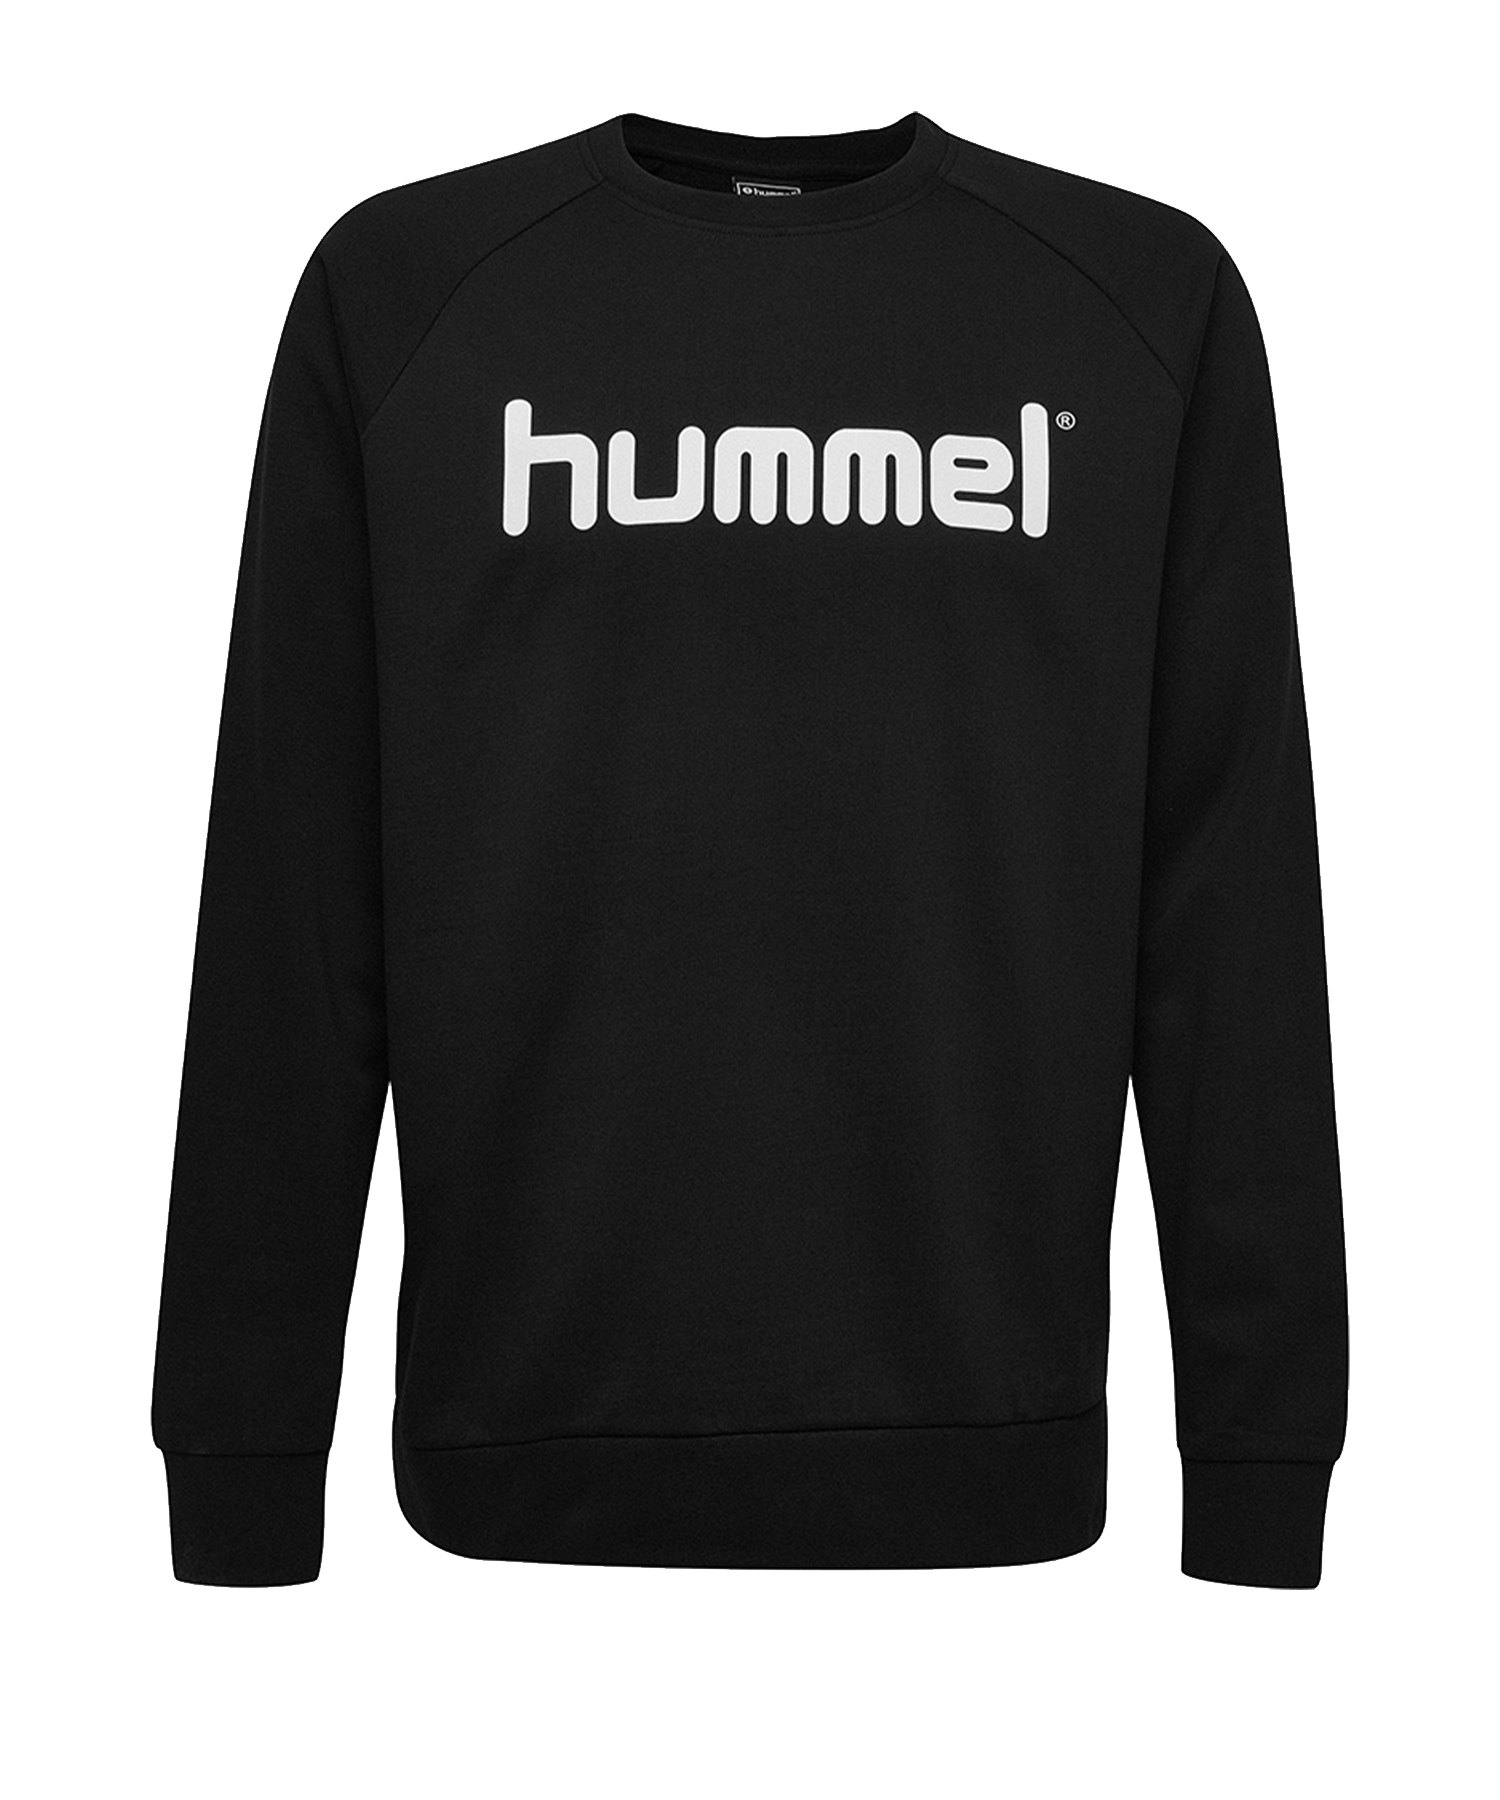 Hummel Cotton Logo Sweatshirt Kids Schwarz F2001 - Schwarz